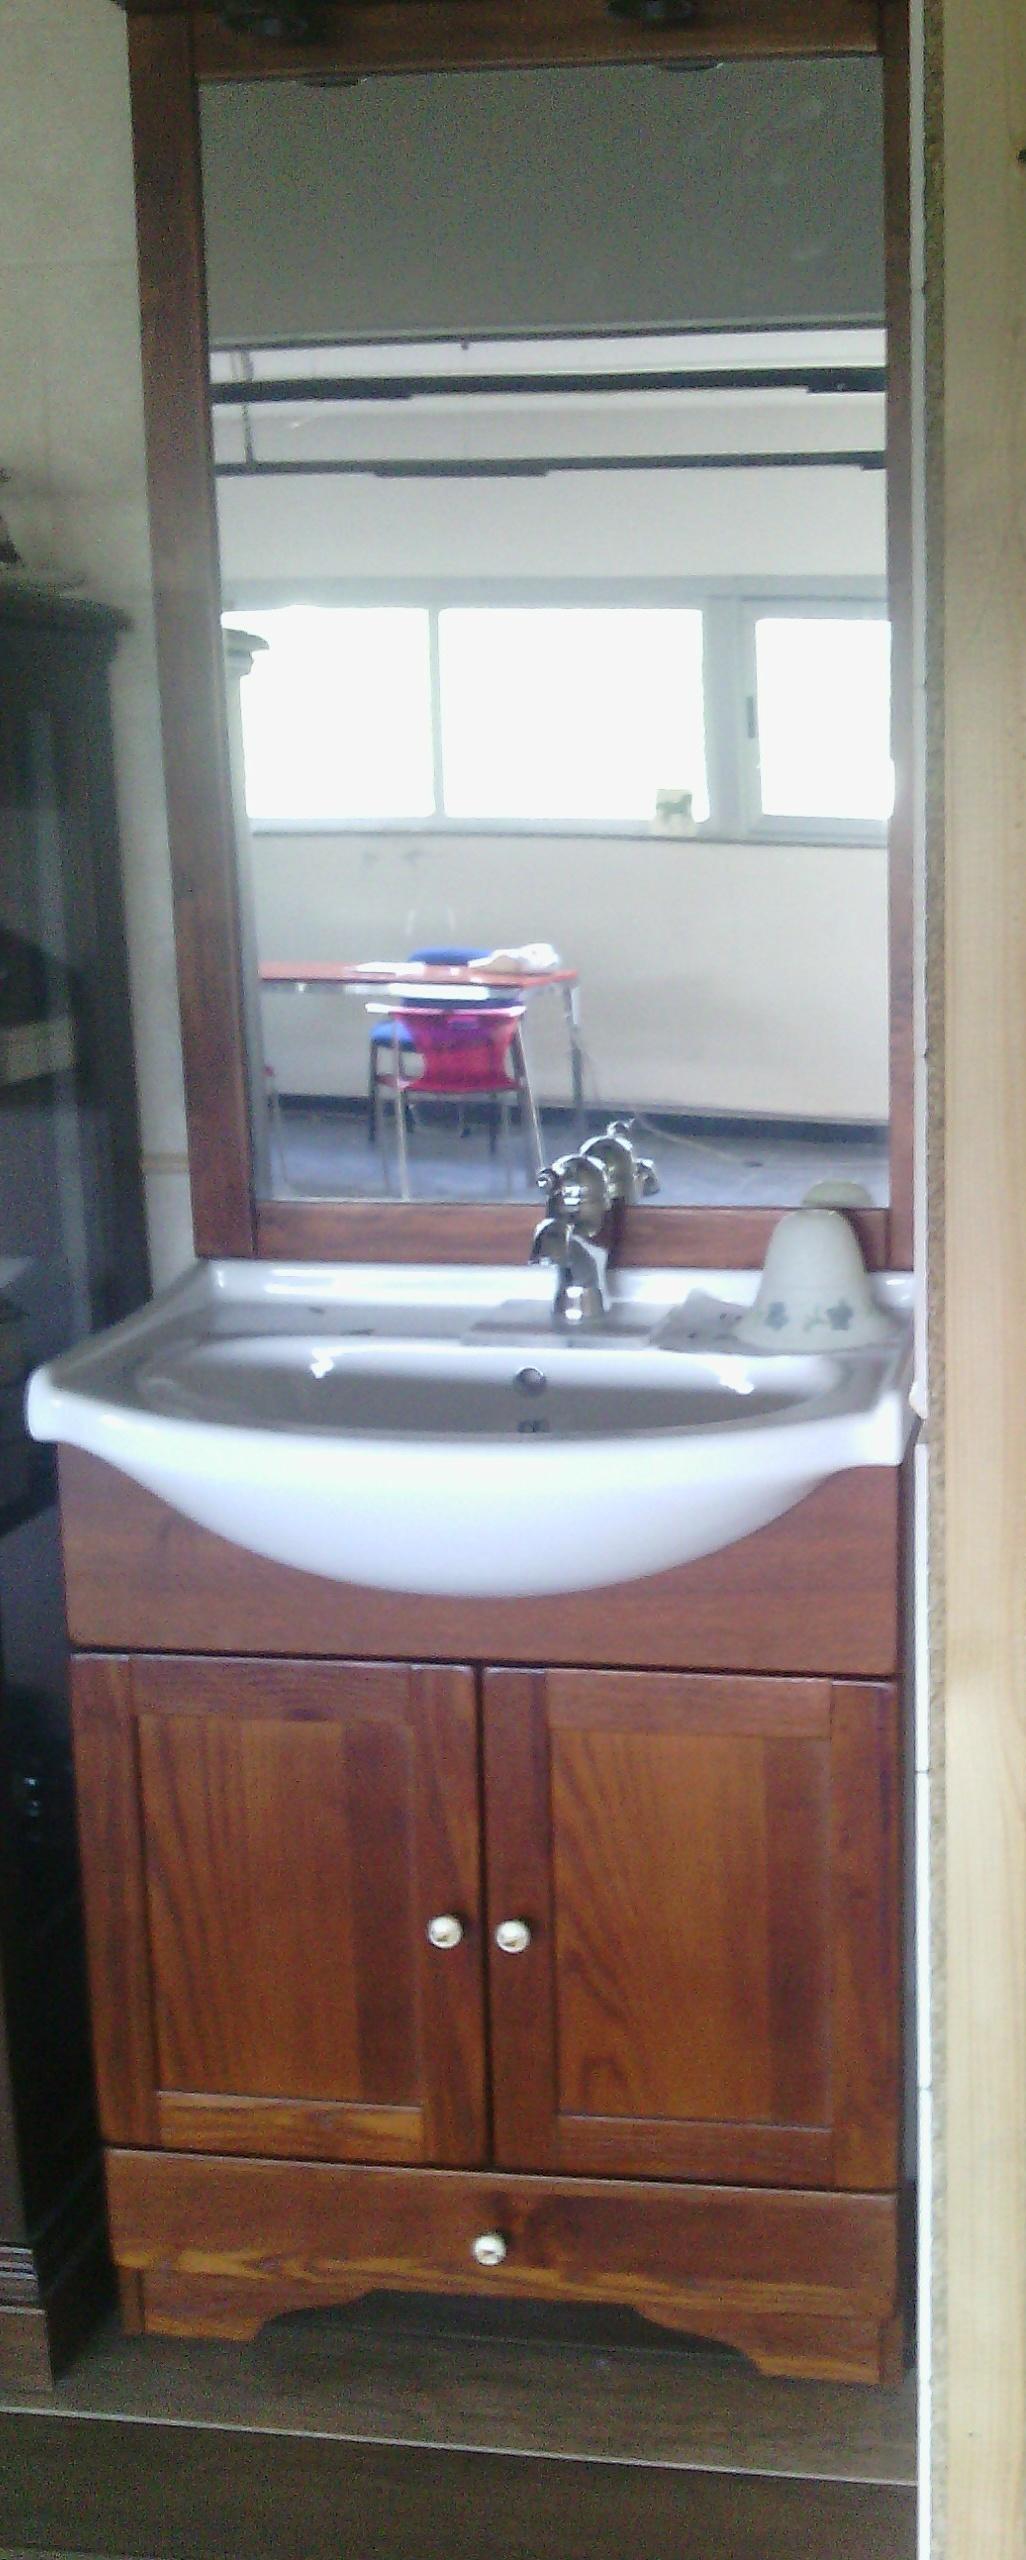 Offerta mobile bagno in arte povera arredo bagno a - Arredamento bagno arte povera ...